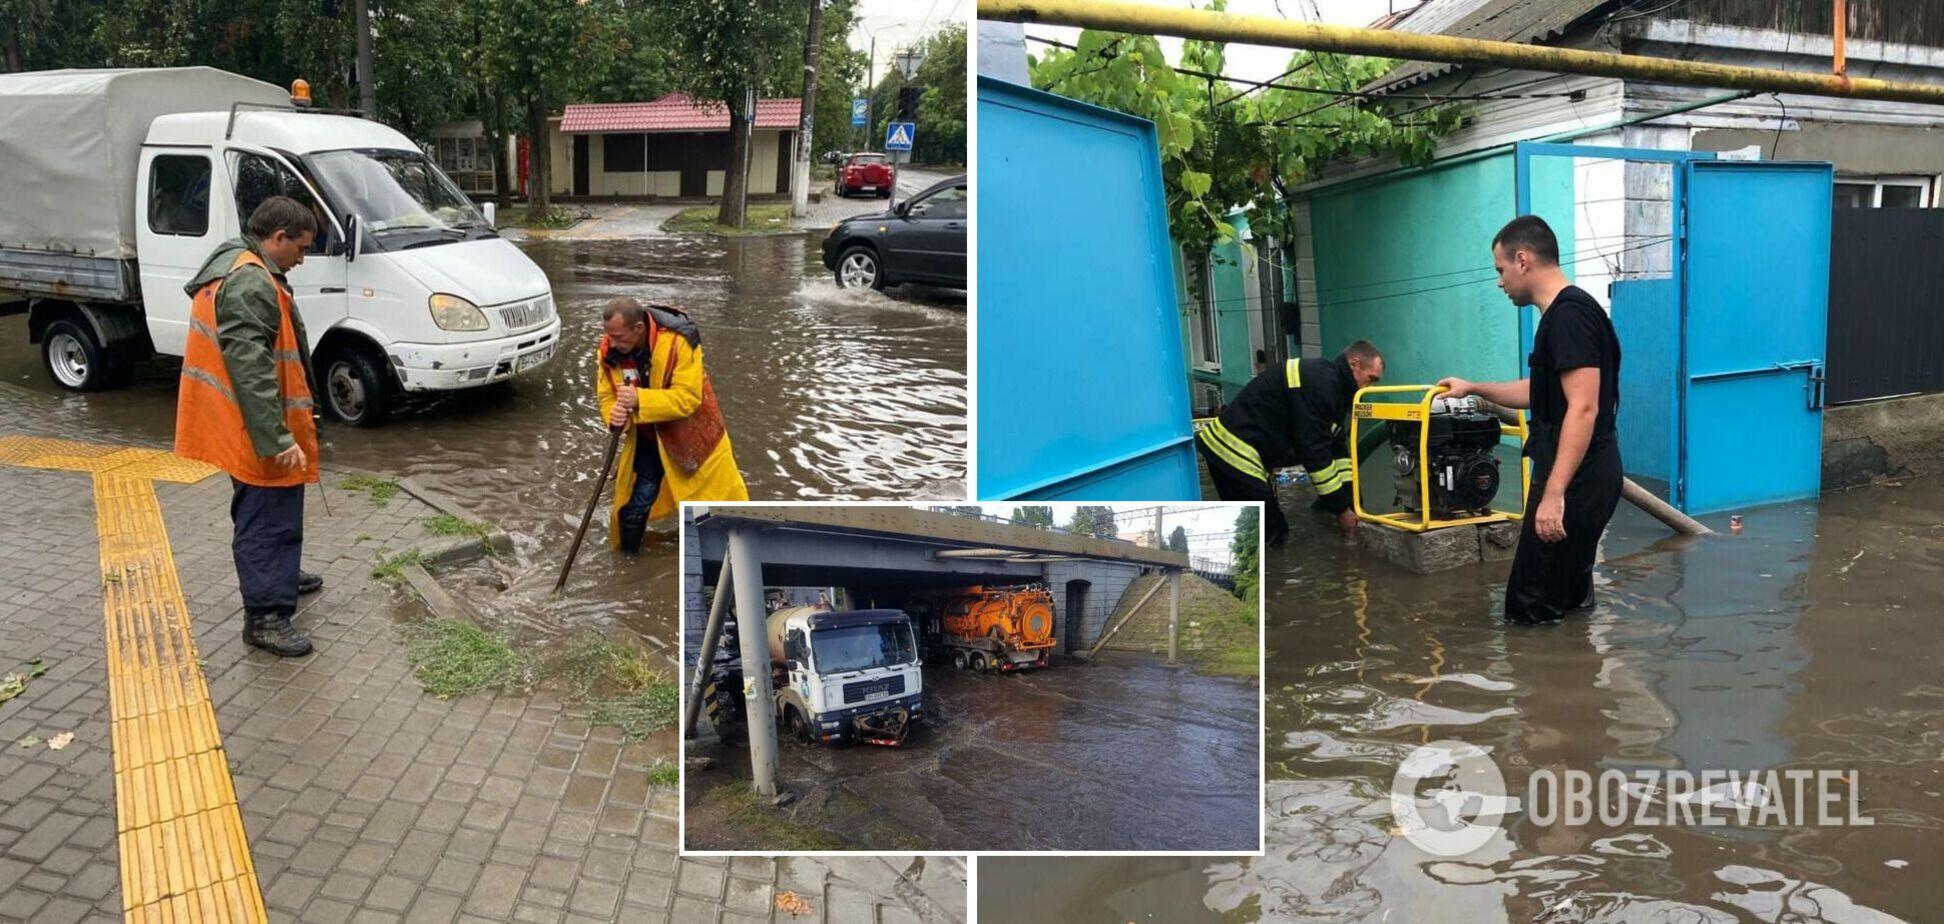 Одесса оказалась на грани катастрофы из-за мощного ливня, потоп мог разрушить дамбу. Фото и видео